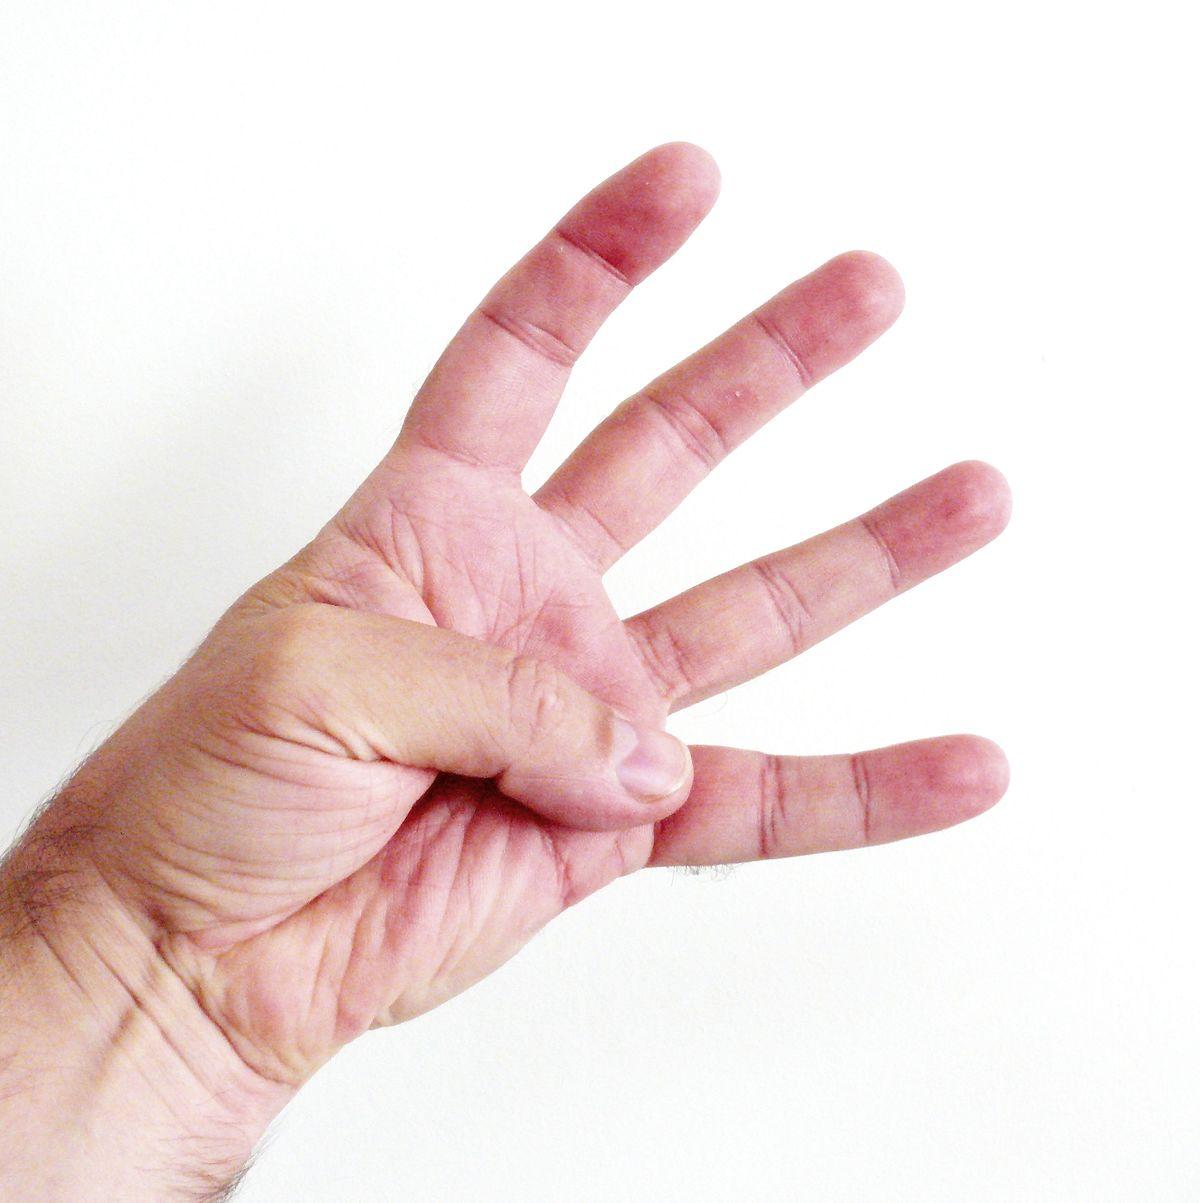 finger - Wiktionary